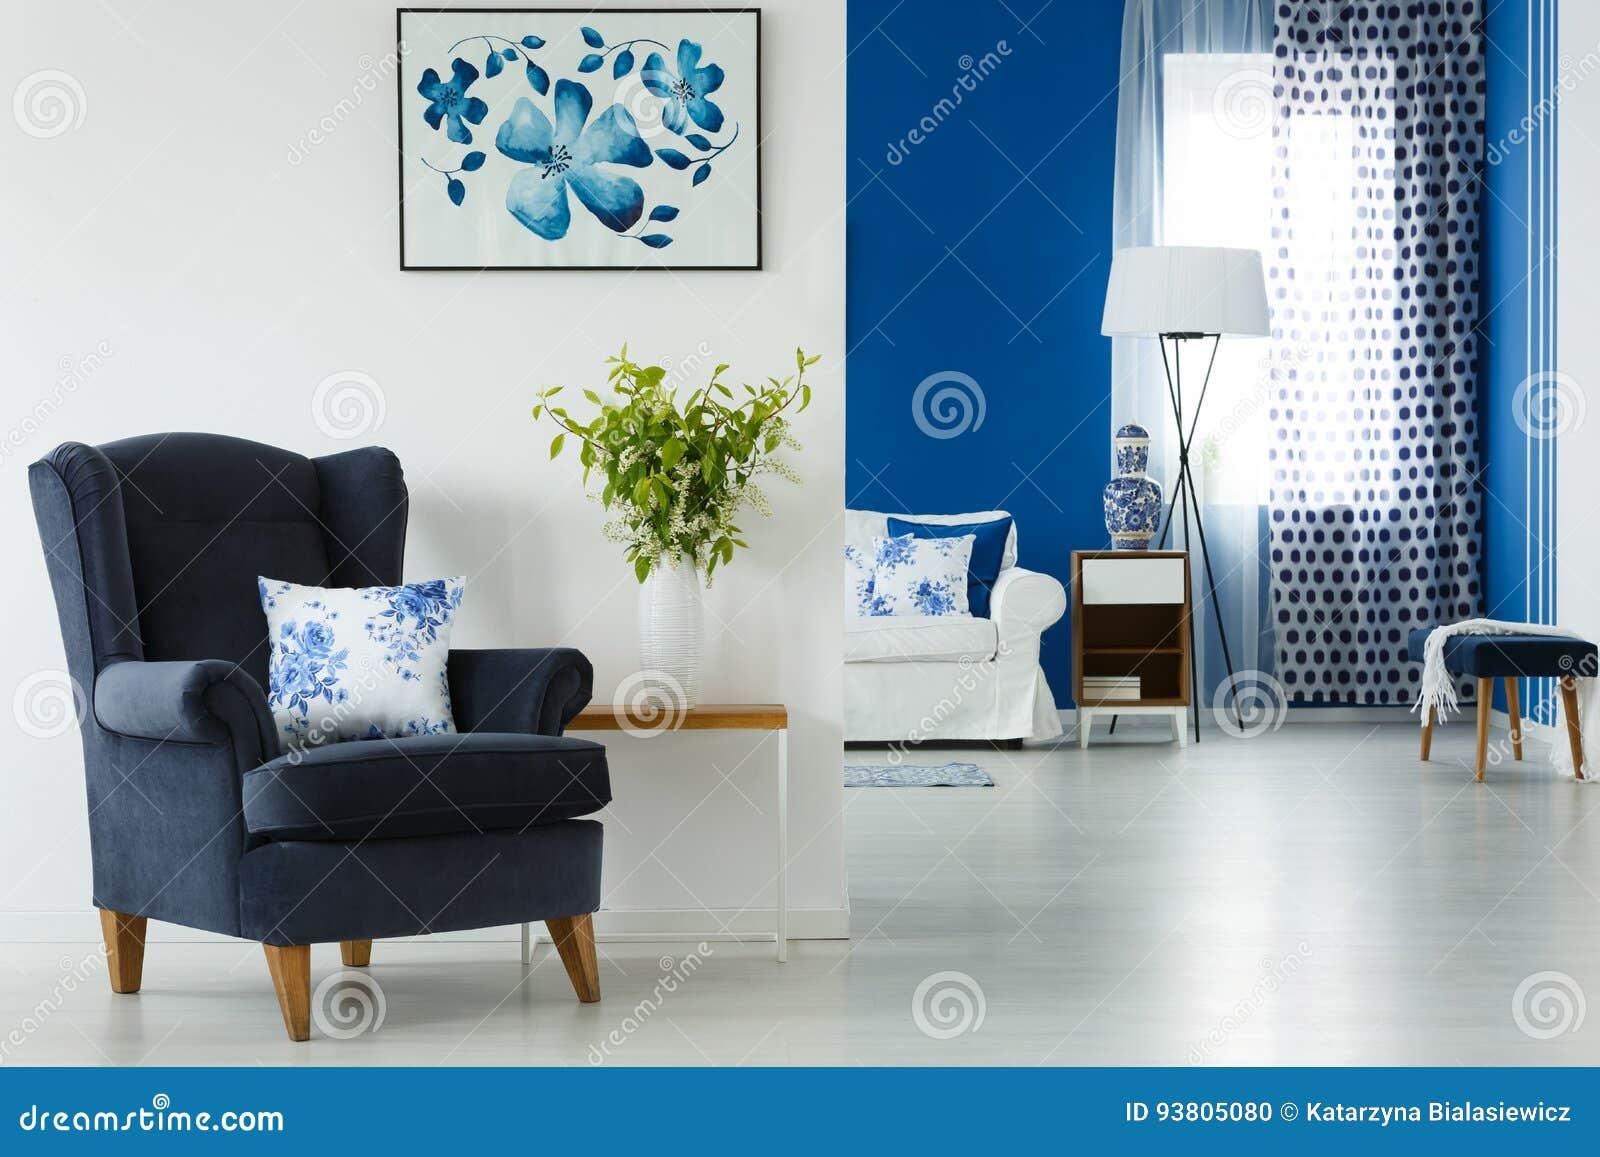 扶手椅子和花瓶在客厅